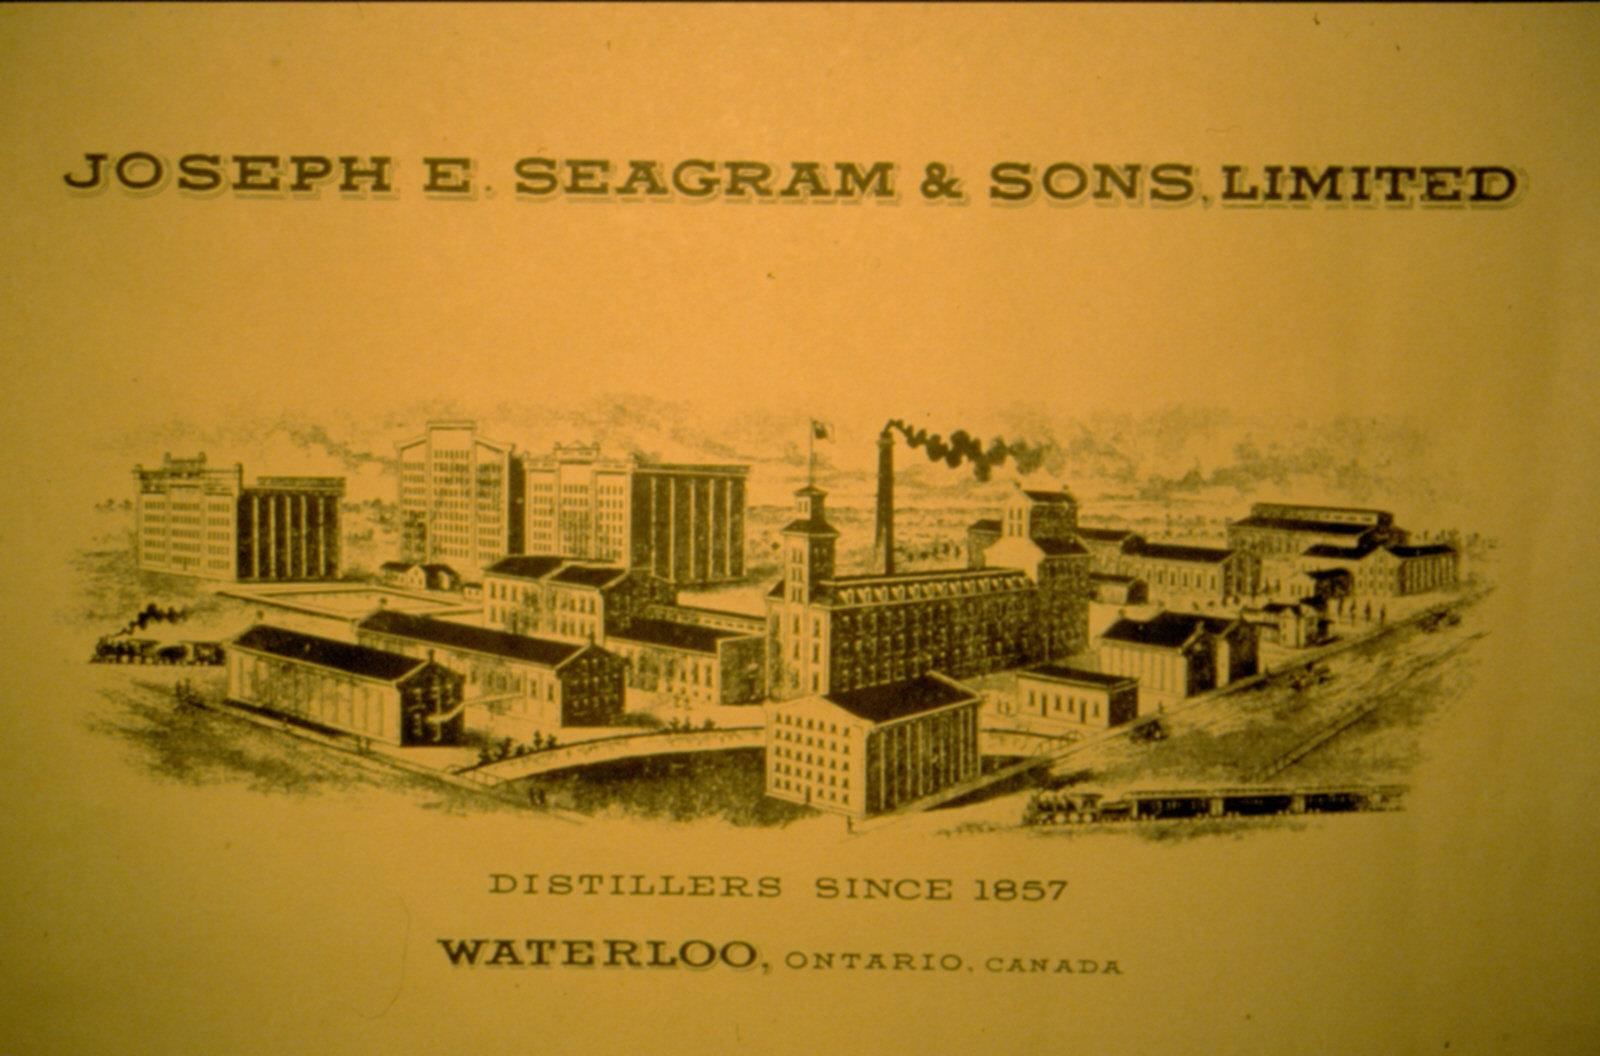 Publicité de Joseph E. Seagram and Sons Limited